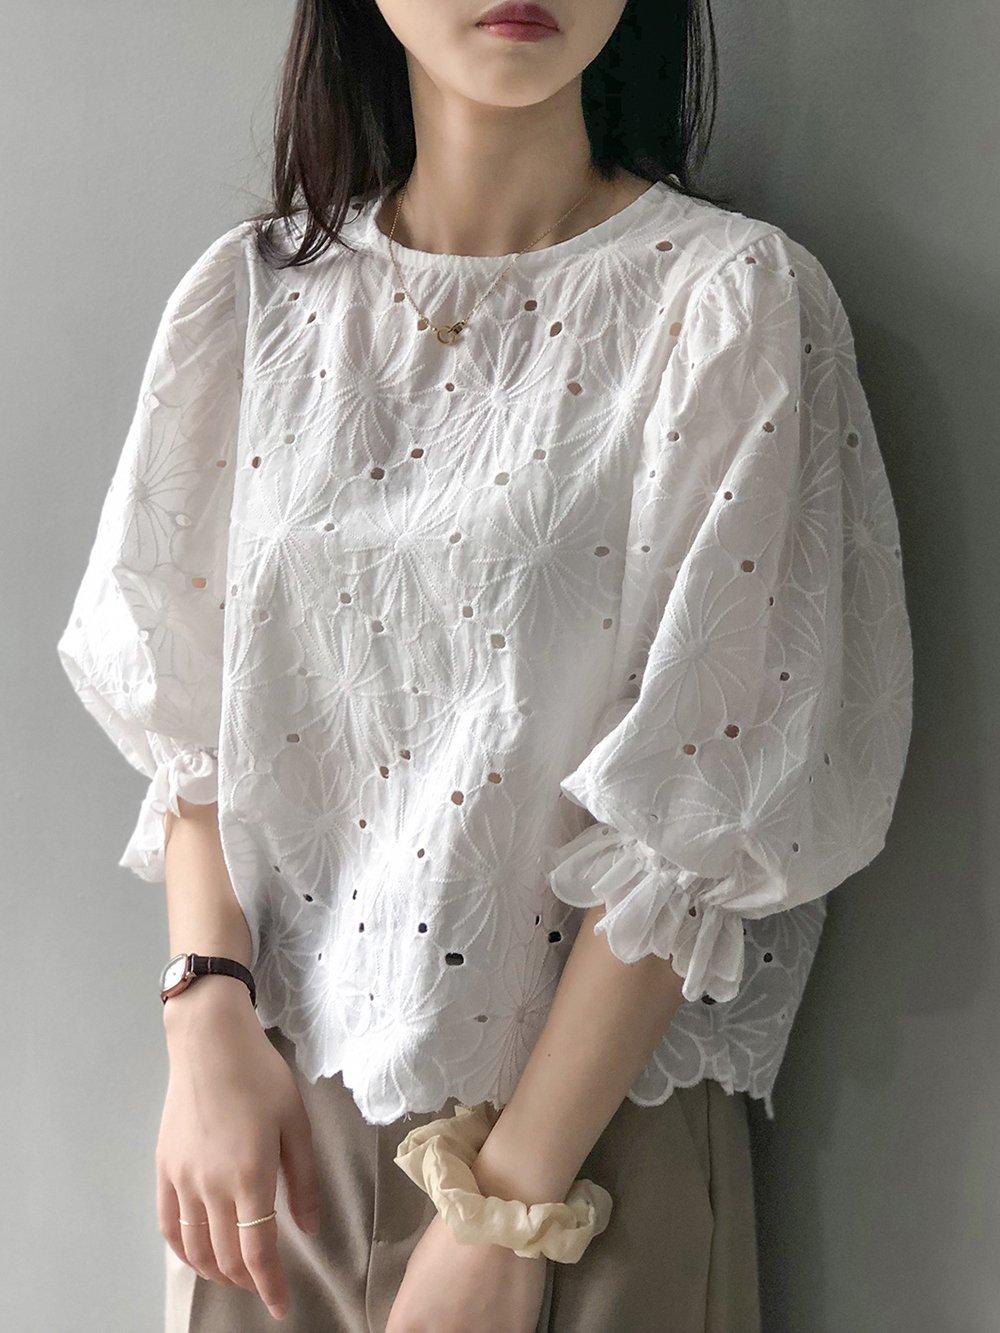 【広州仕入れ】韓国レースラウンドネックパフスリーブシャツ